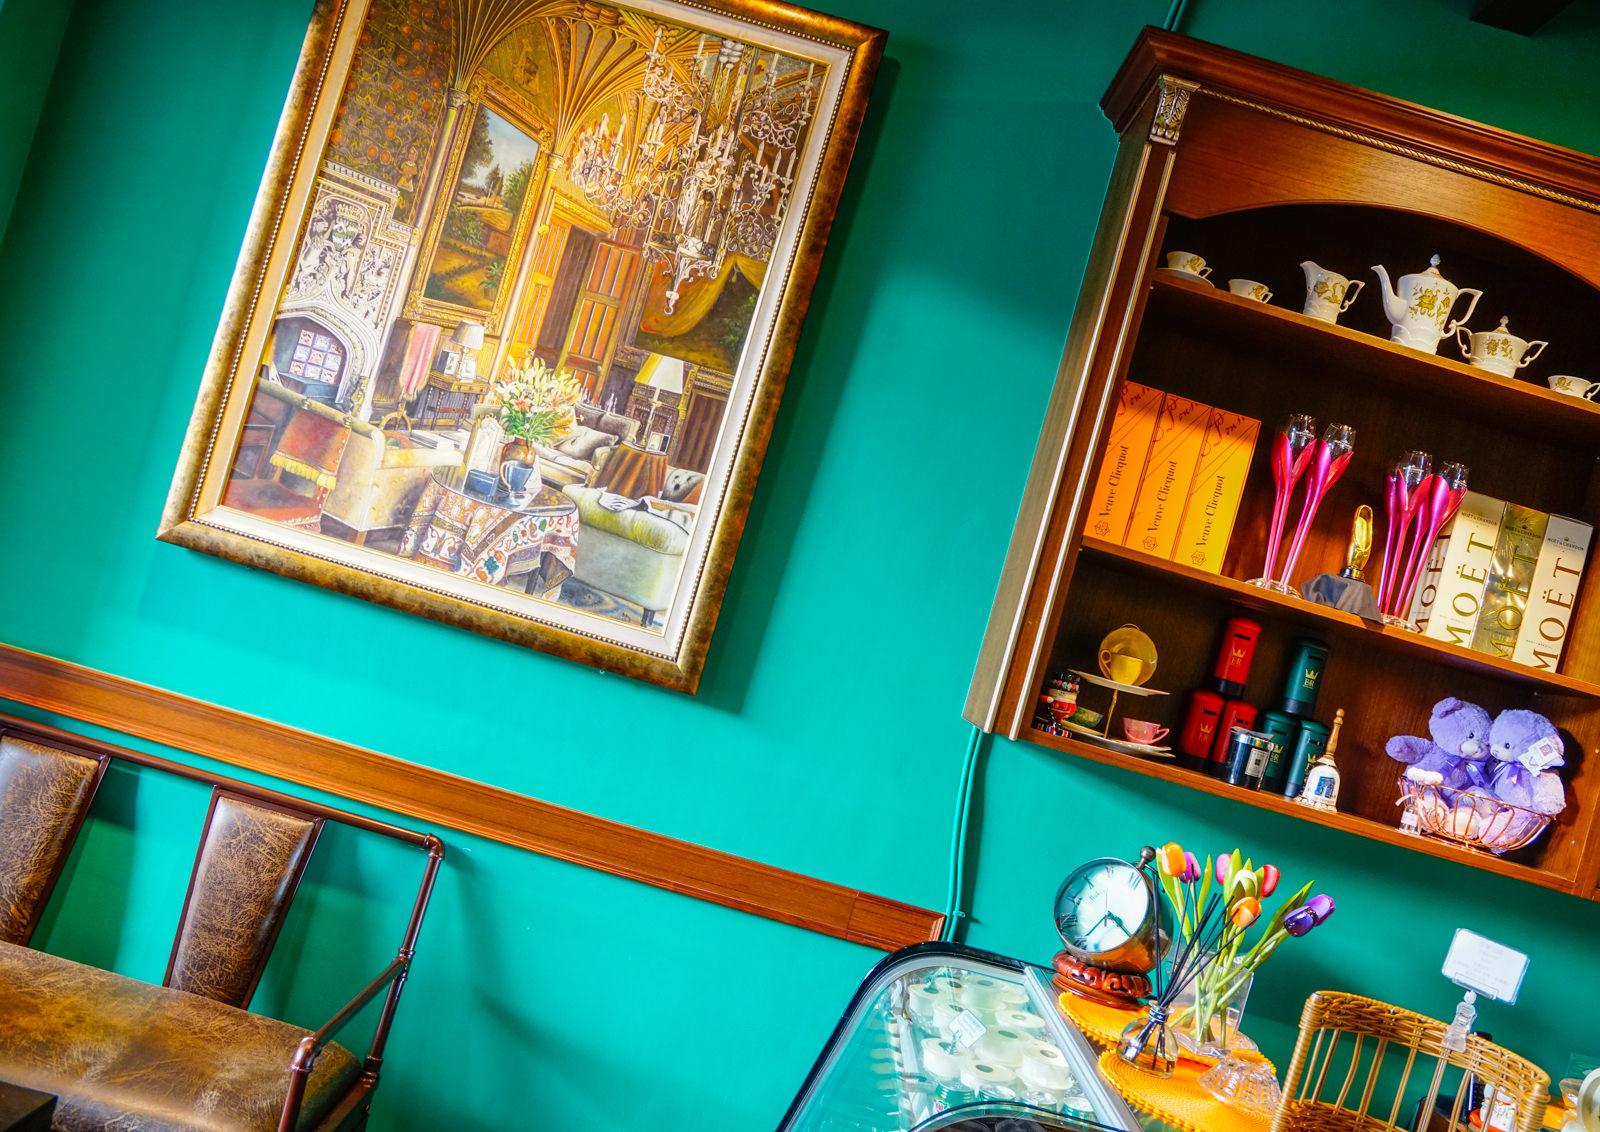 [高雄]佐jo Patisserie藝術烘焙工作室-隱藏秘境!法式甜點茶沙龍 質感美味下午茶 高雄巨蛋美食推薦 @美食好芃友